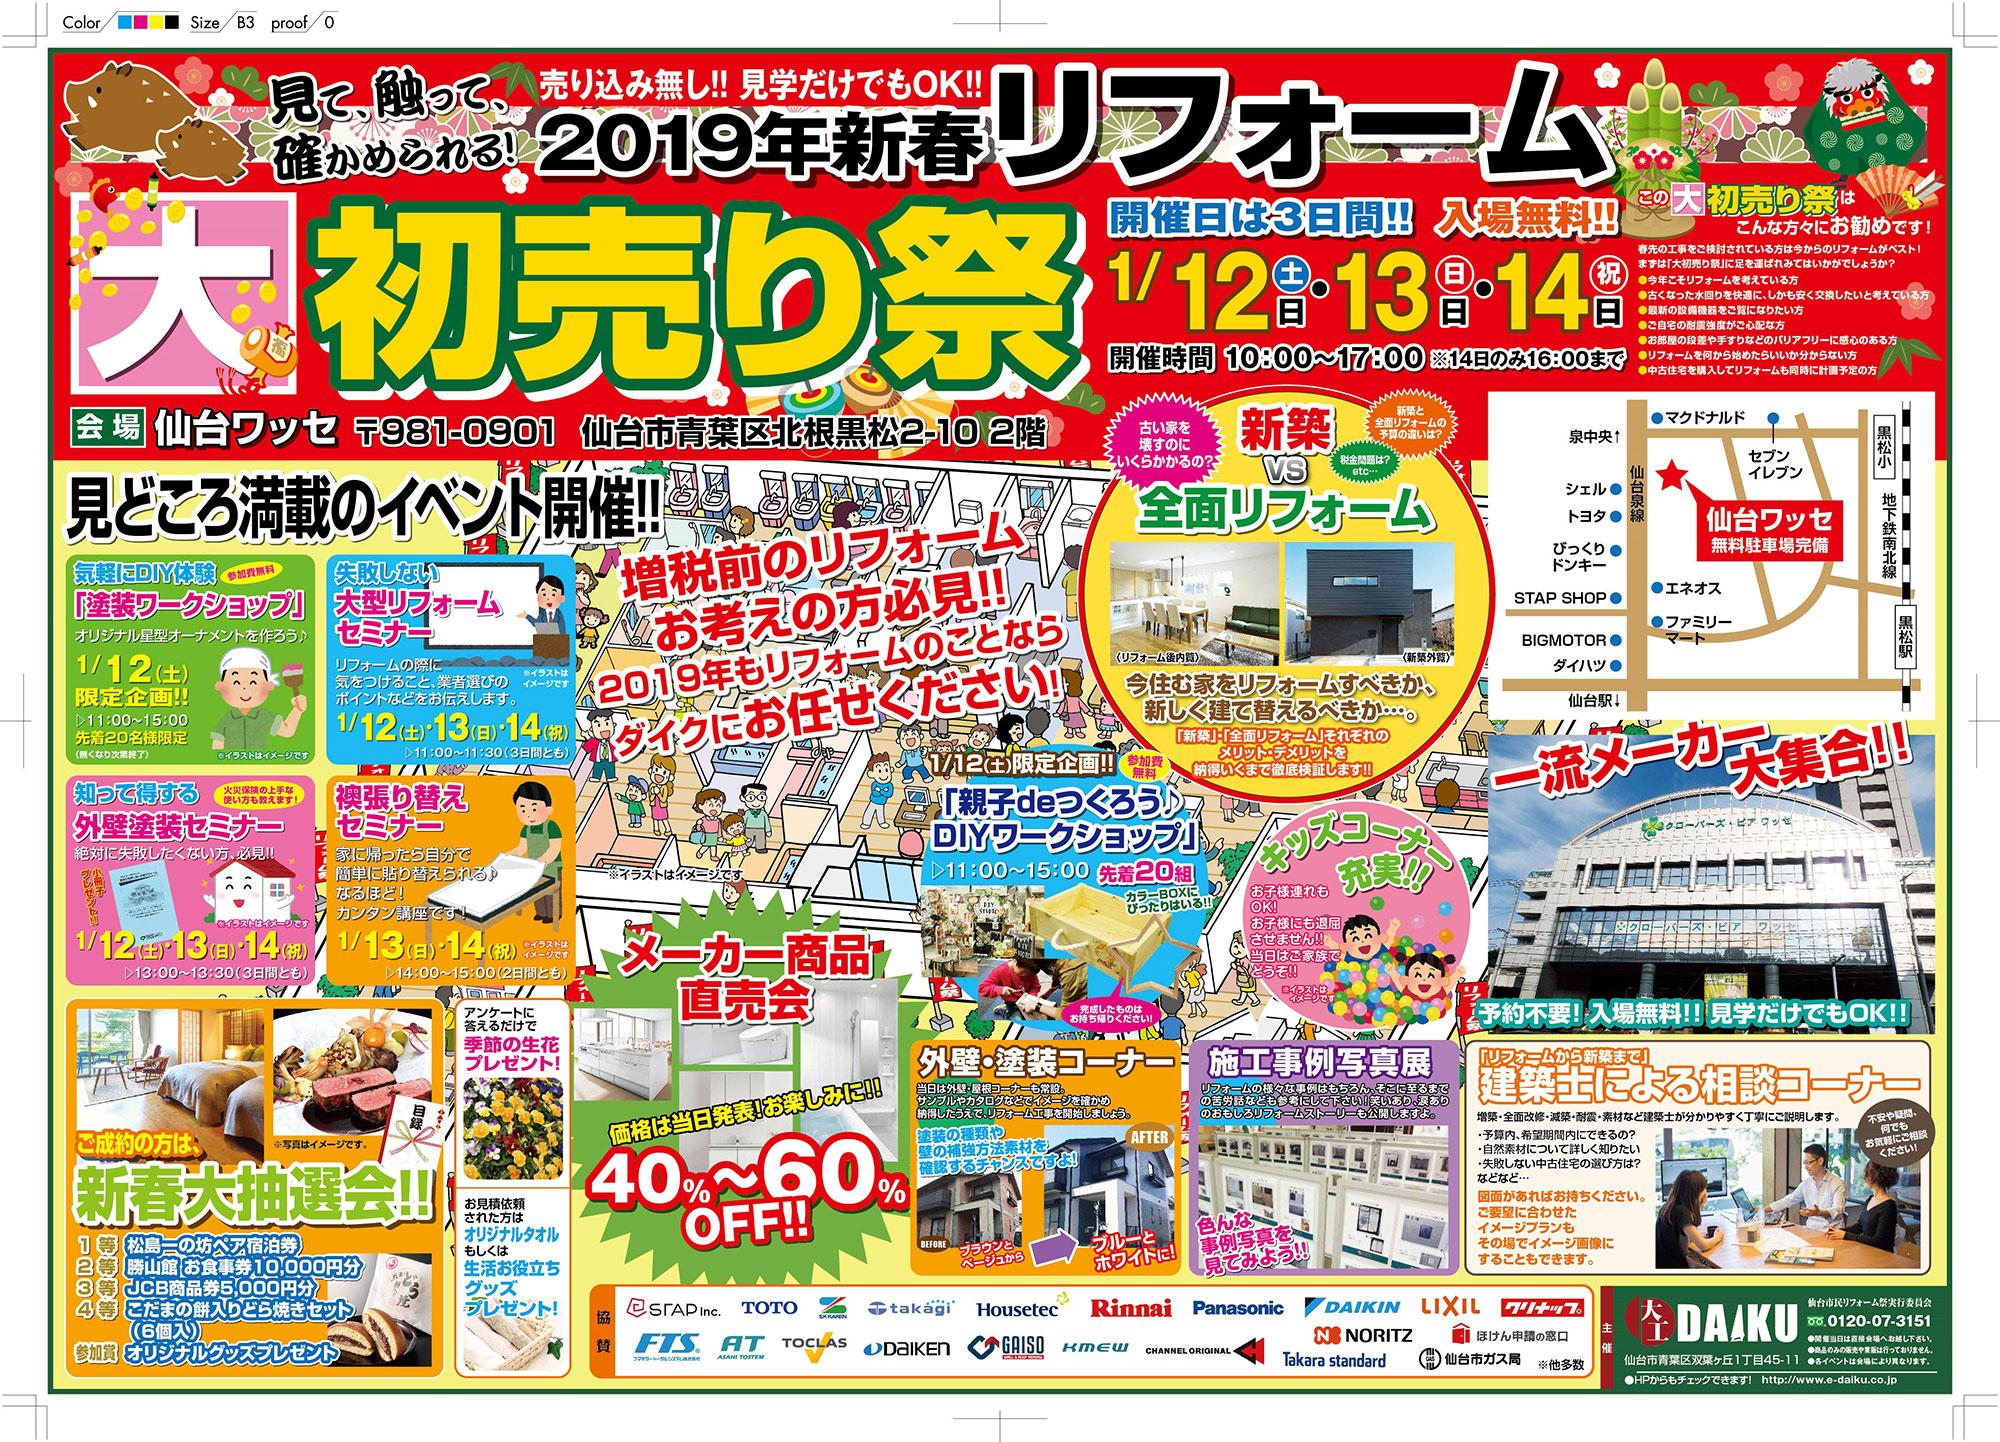 【初売りイベント情報!】2019/1/12(土)・13(日)・14(祝)『2019年新春大初売り祭!』 in 仙台ワッセ